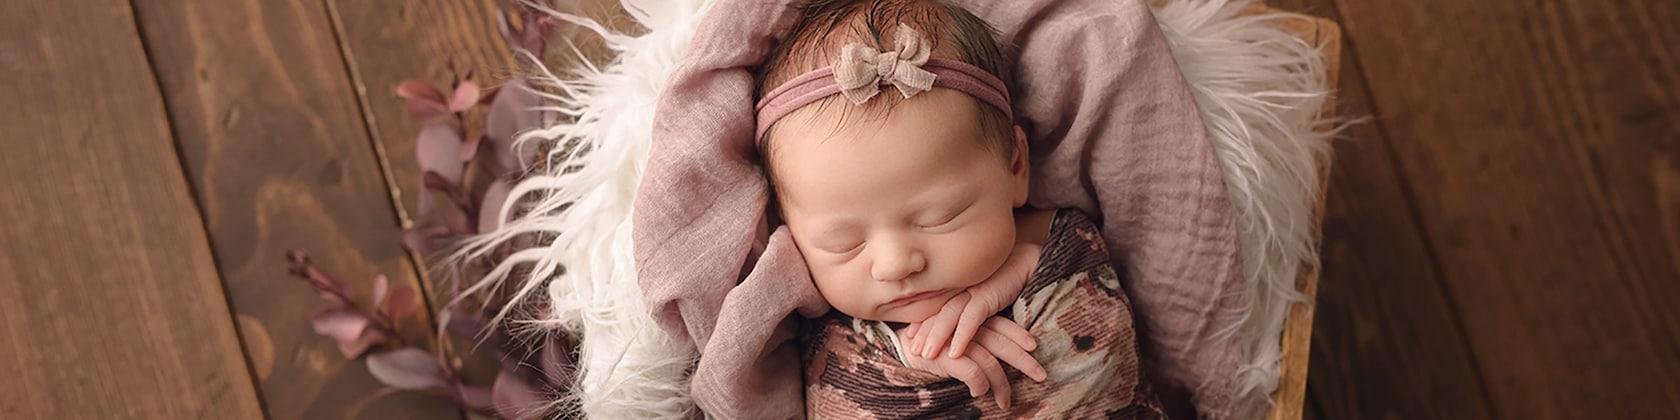 PropsByPosies Newborn Props & Sewing Patterns von PropsByPosies